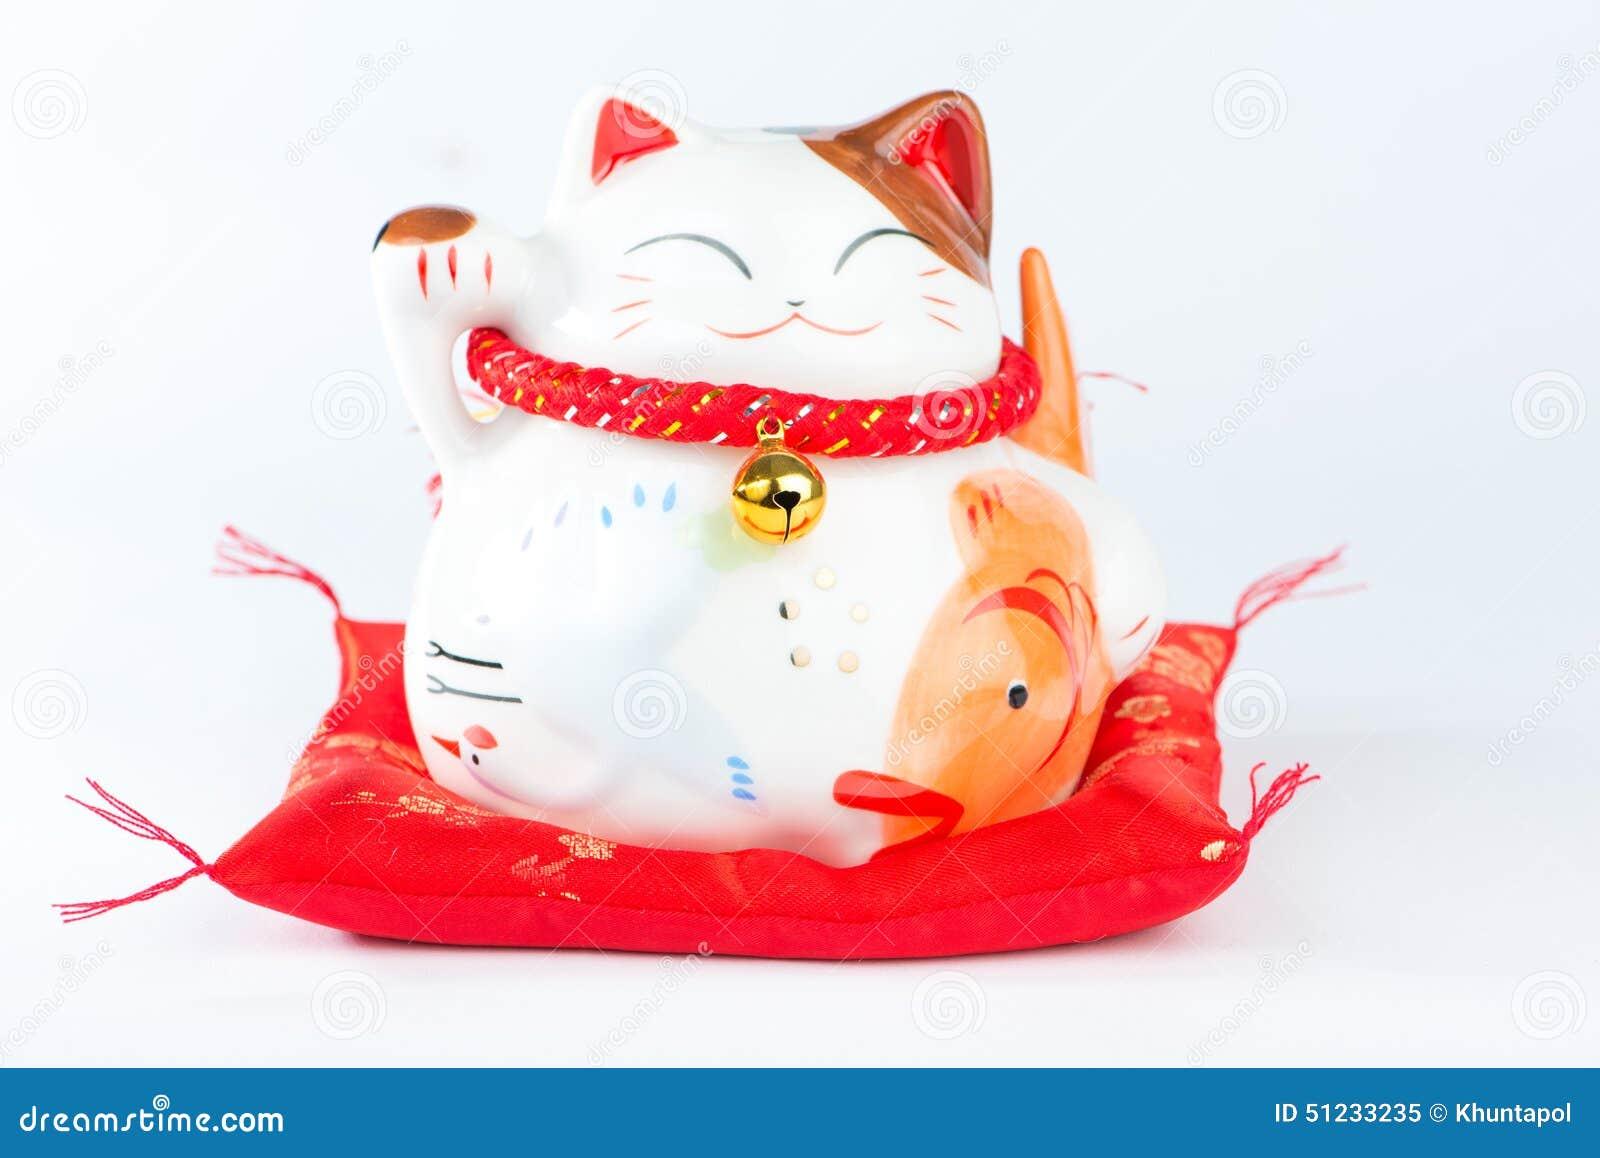 Maneki Neko is Japanese Welcoming Lucky and Money cat